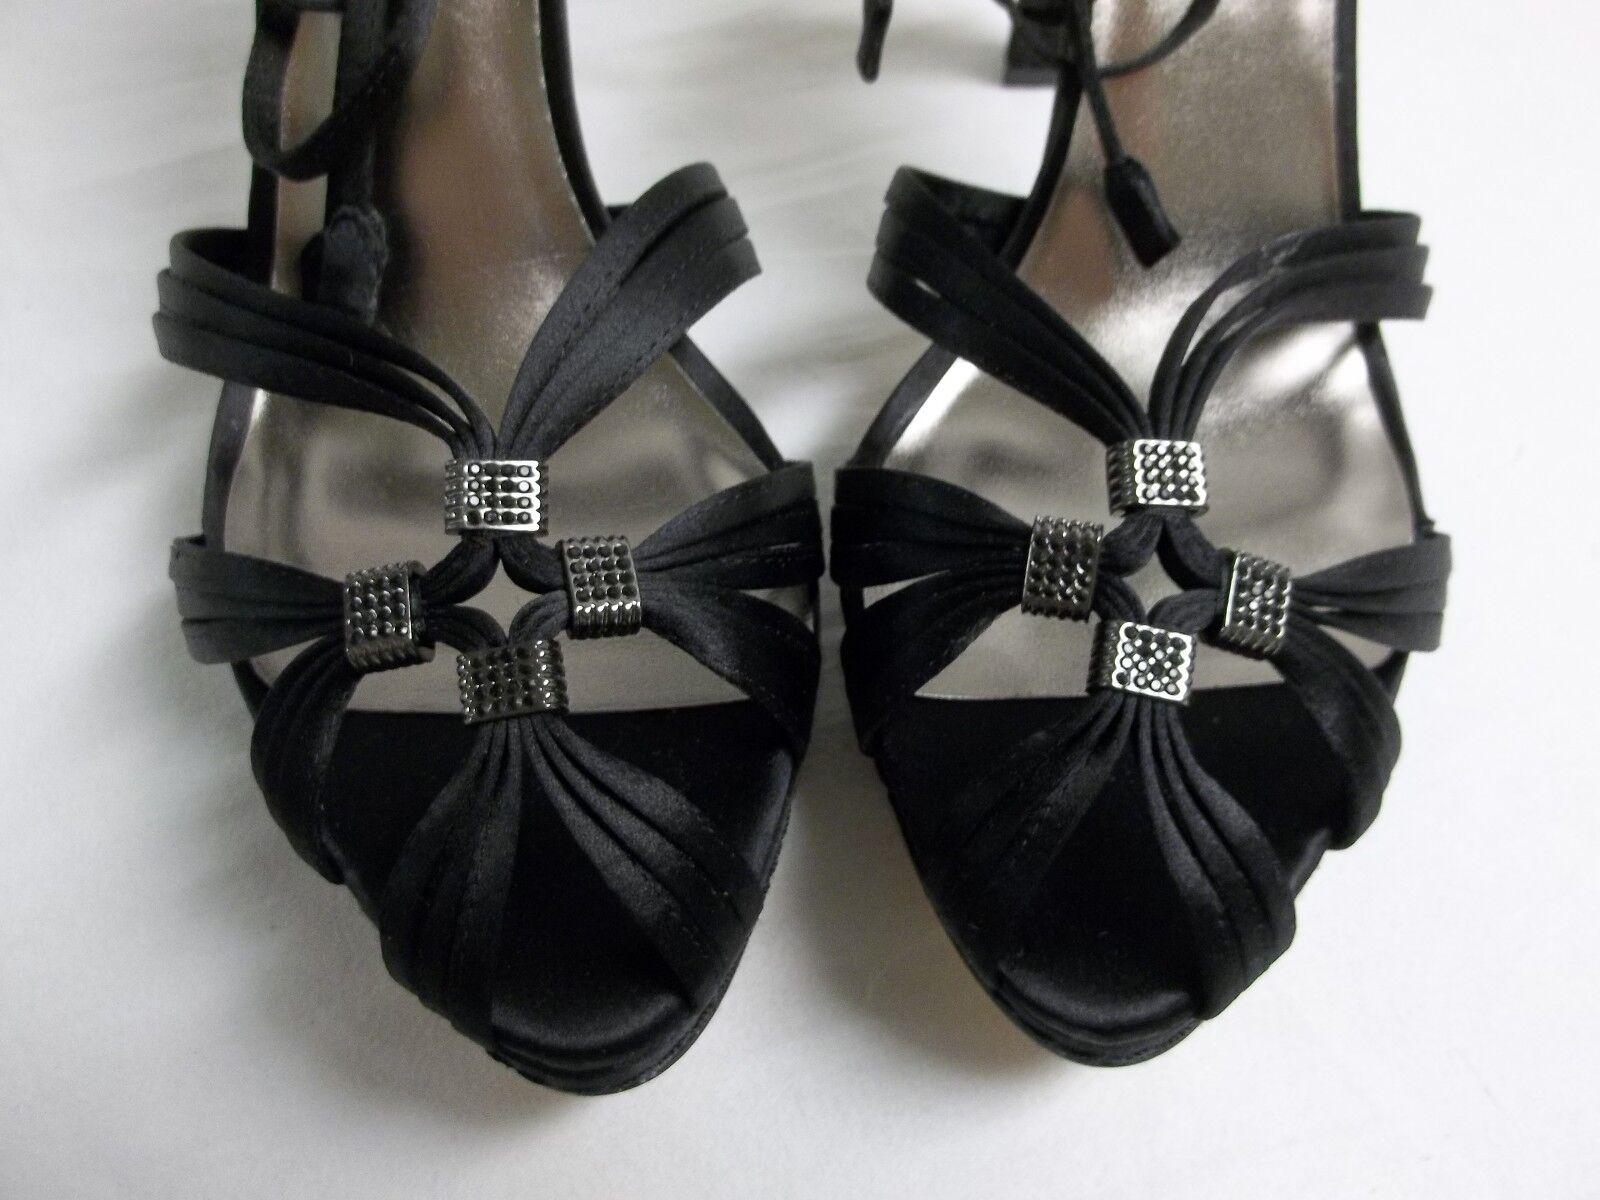 3ce216e31e7 Buy BCBG Max Azria Elise Womens Size 10 Black Textile Dress Sandals Shoes  online